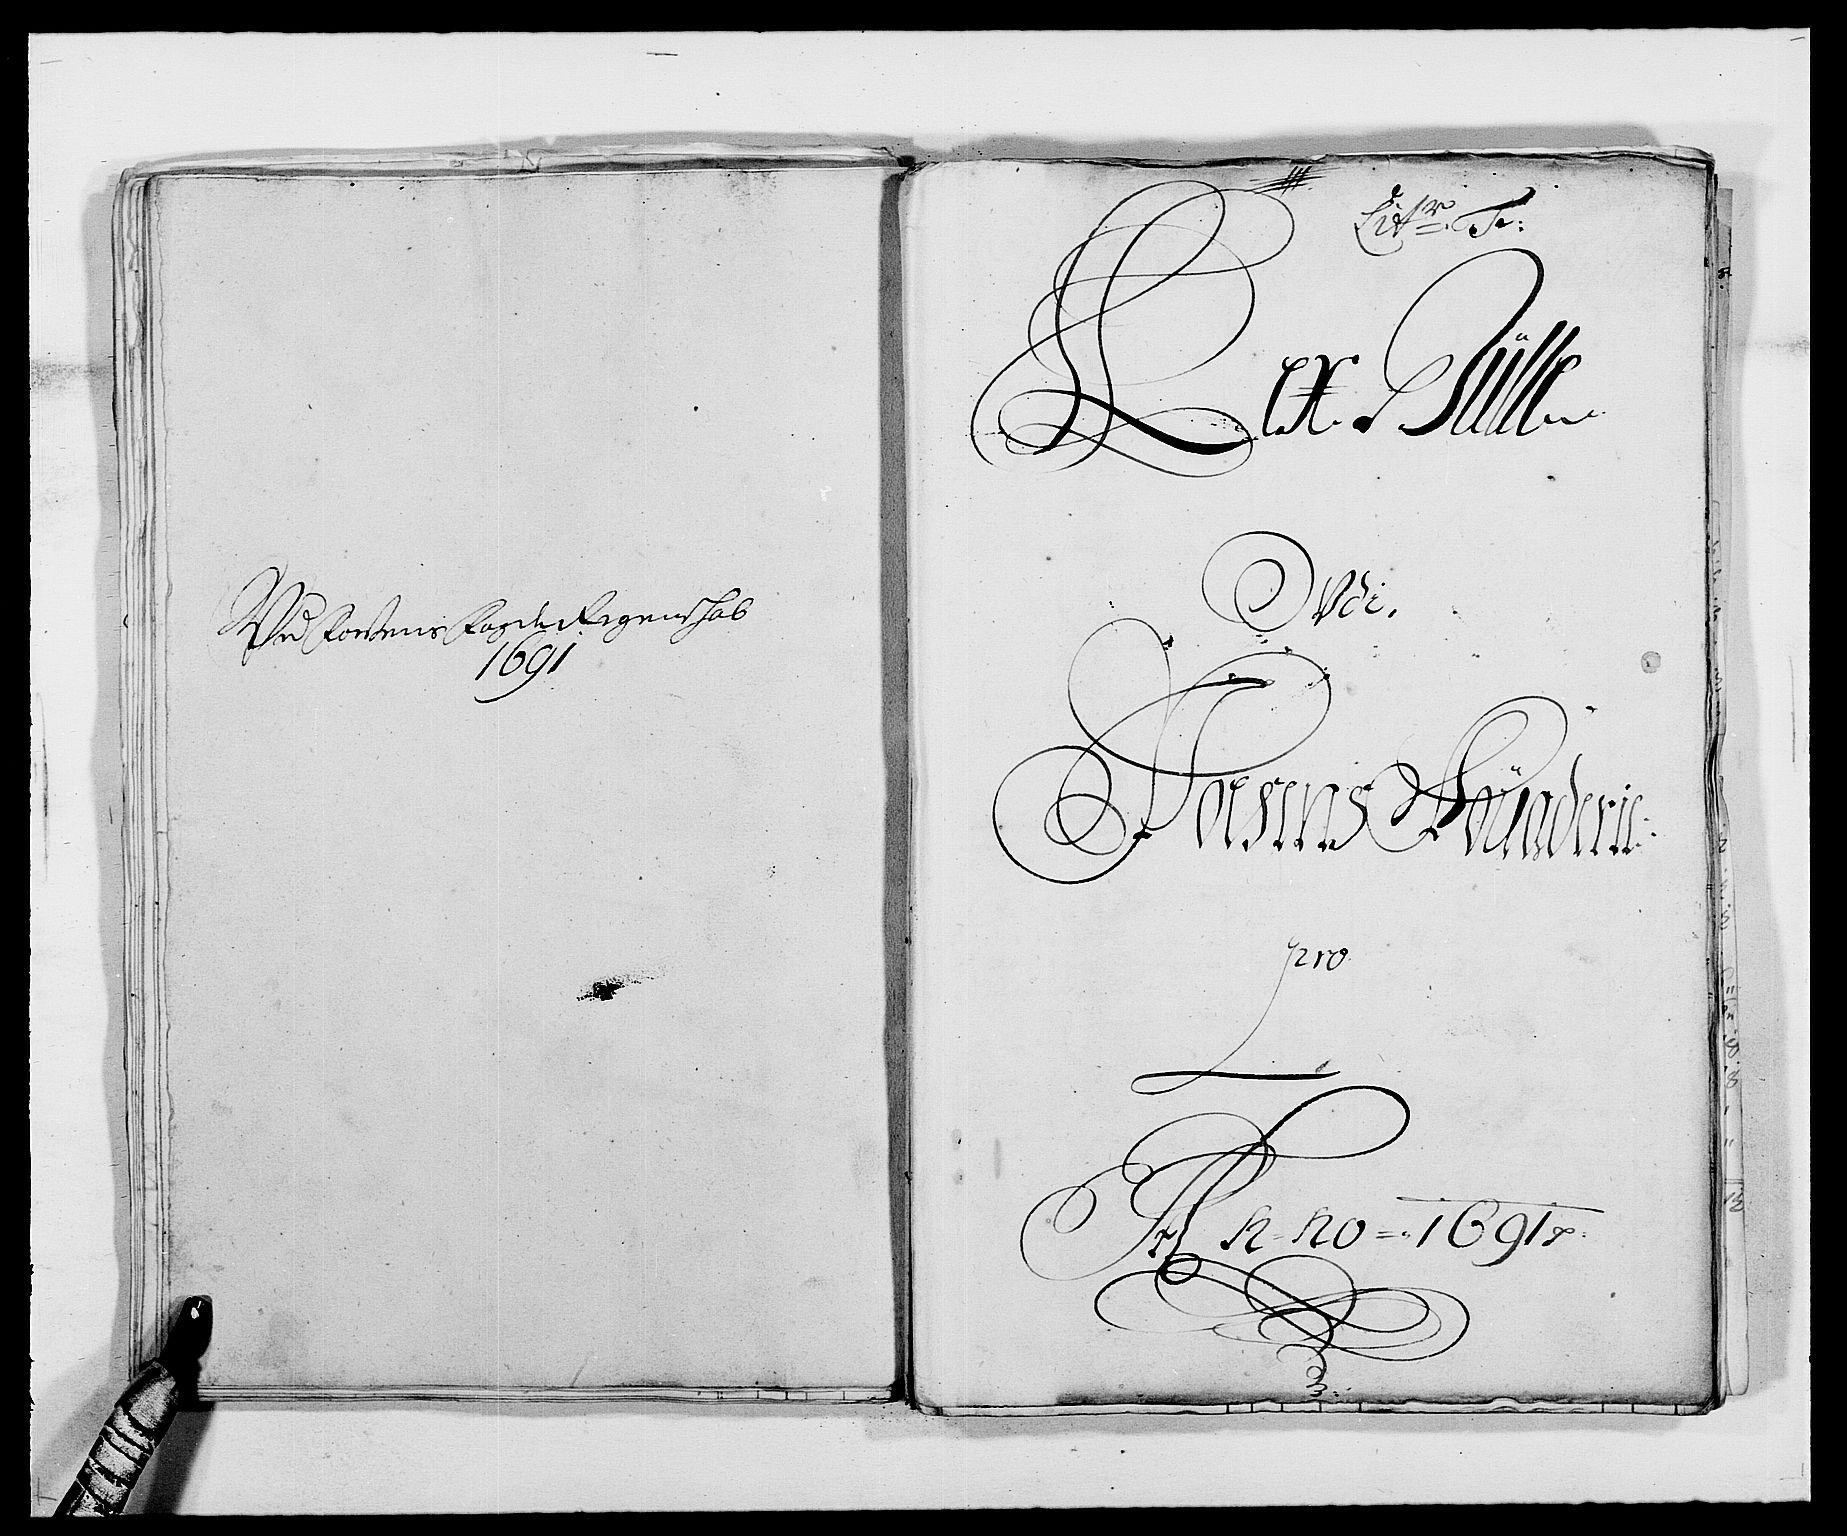 RA, Rentekammeret inntil 1814, Reviderte regnskaper, Fogderegnskap, R57/L3848: Fogderegnskap Fosen, 1690-1691, s. 243